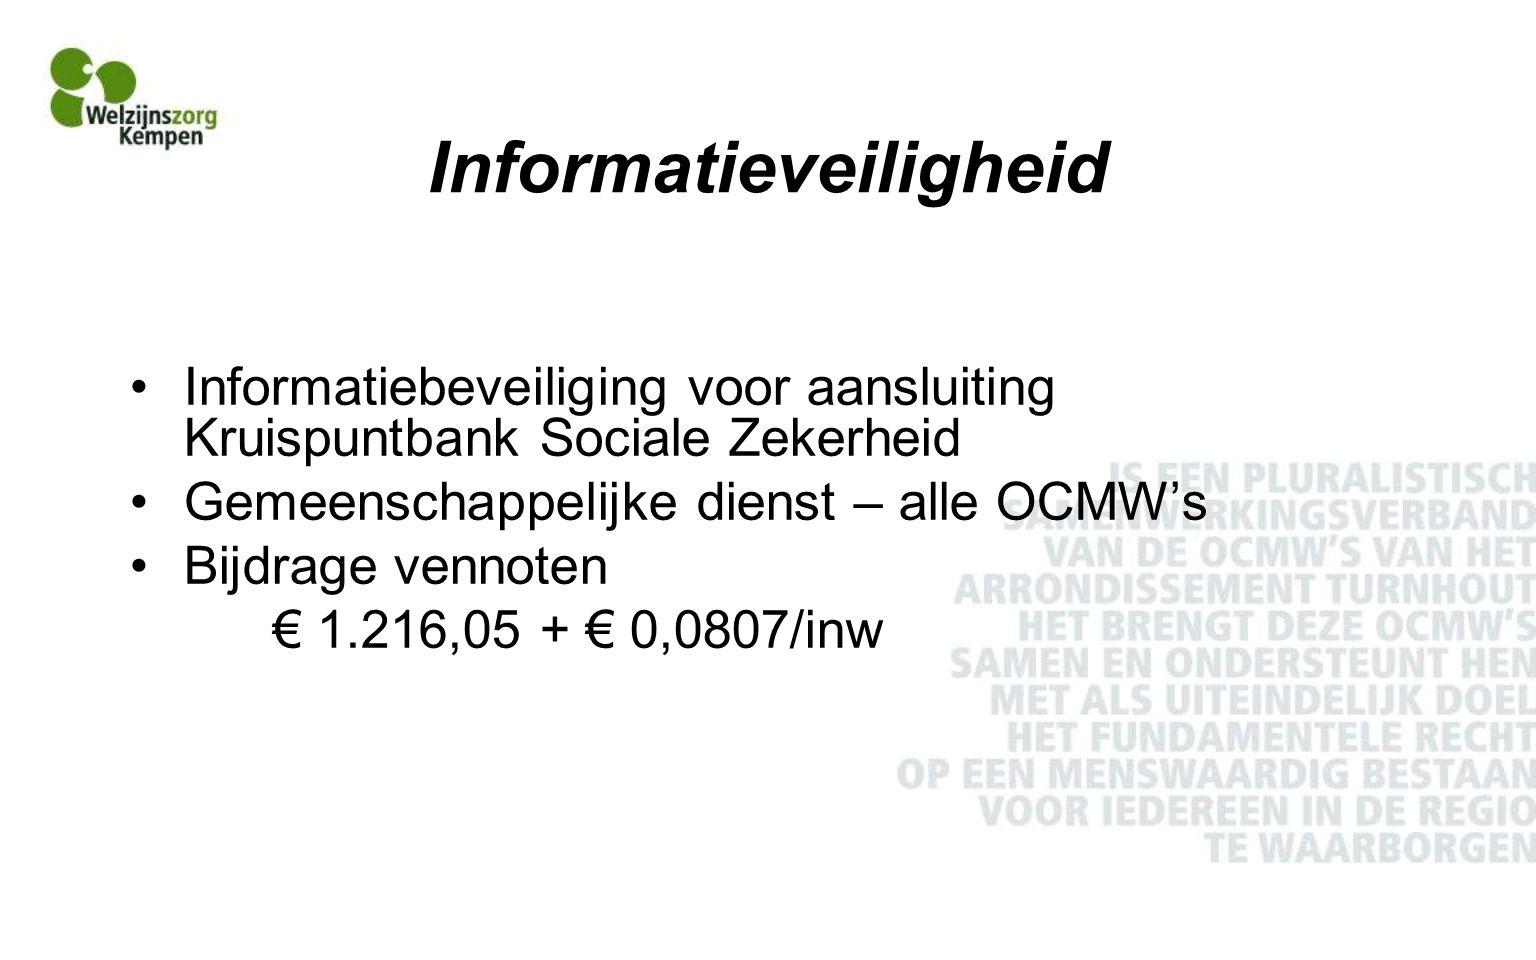 Informatieveiligheid Informatiebeveiliging voor aansluiting Kruispuntbank Sociale Zekerheid Gemeenschappelijke dienst – alle OCMW's Bijdrage vennoten € 1.216,05 + € 0,0807/inw